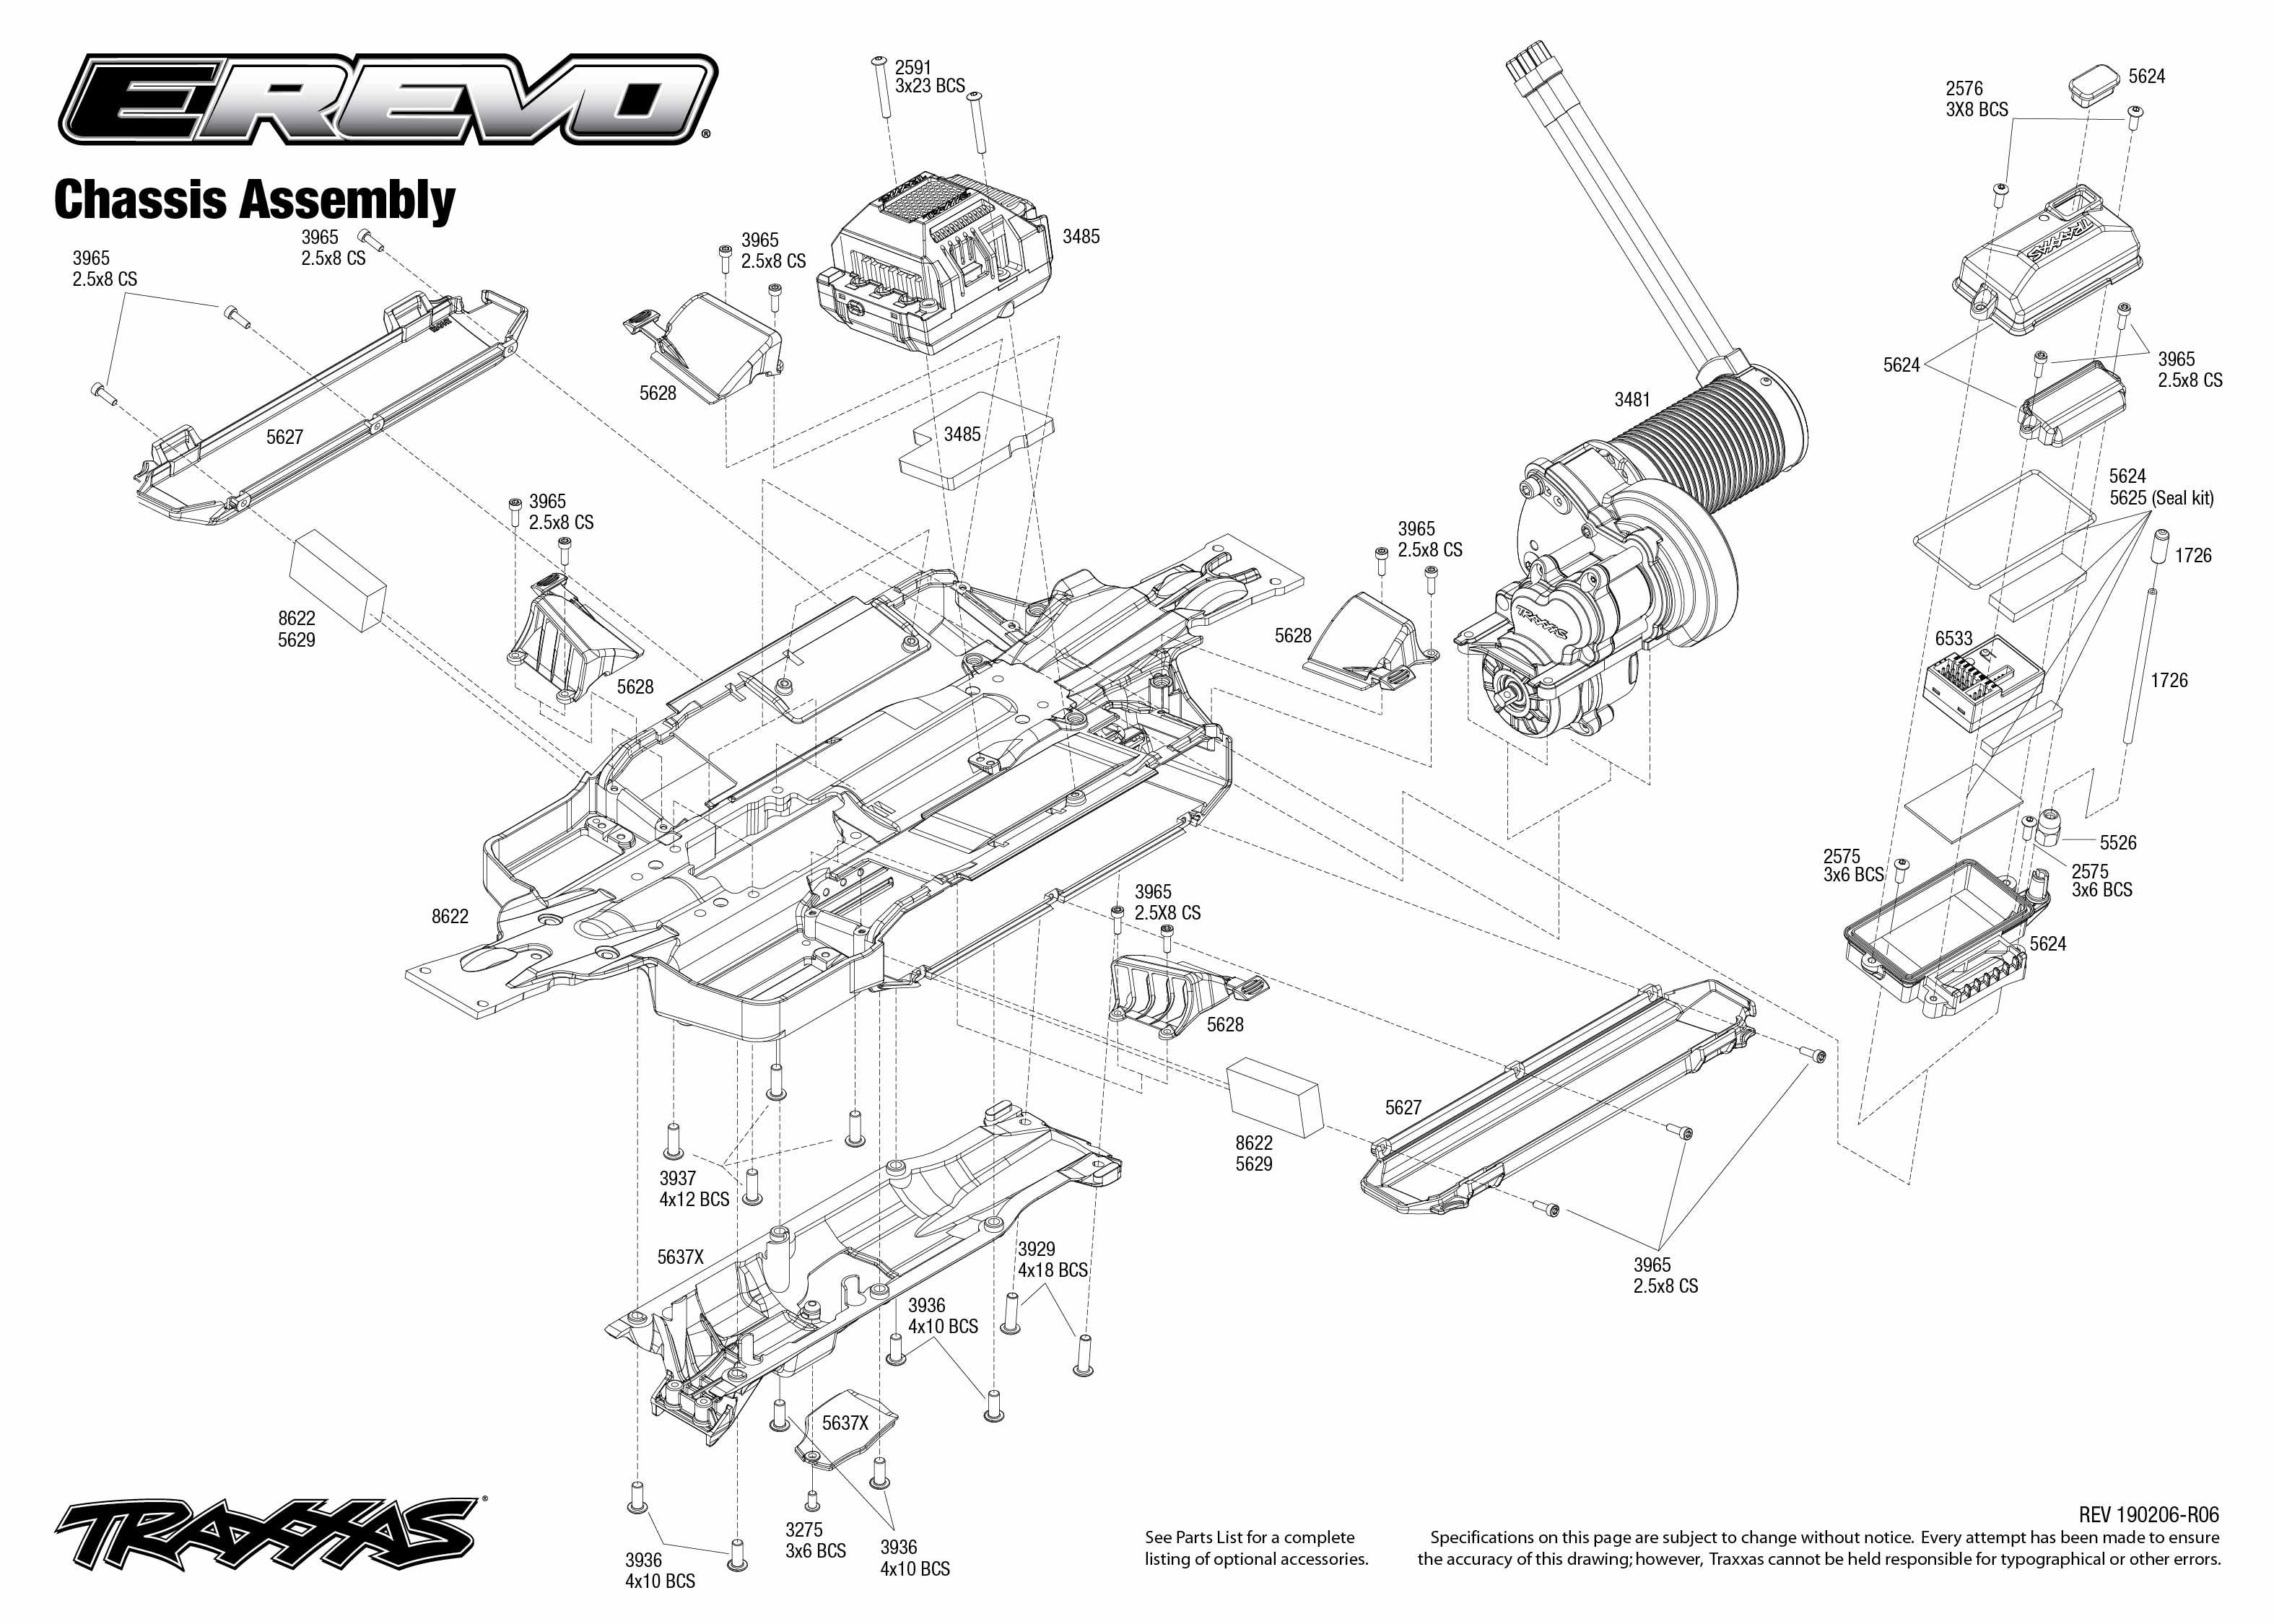 Traxxas E-Revo VXL Brushless 1/10 4WD Monster Truck with